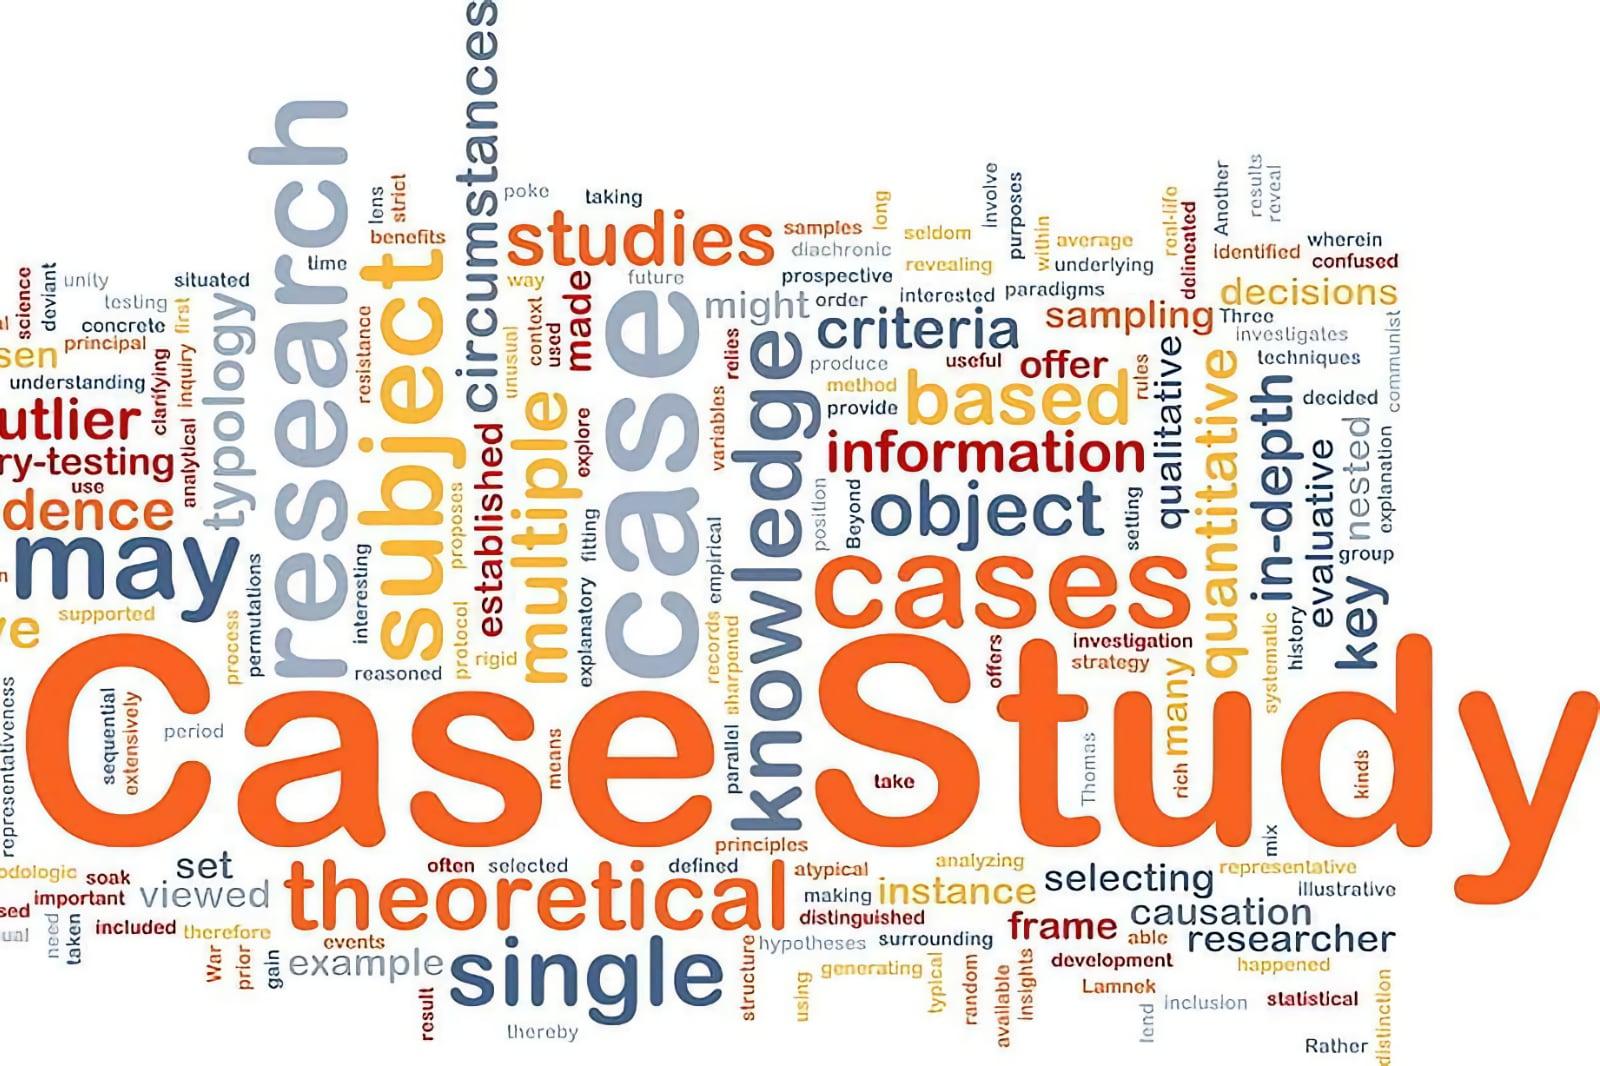 Case study word cloud concept